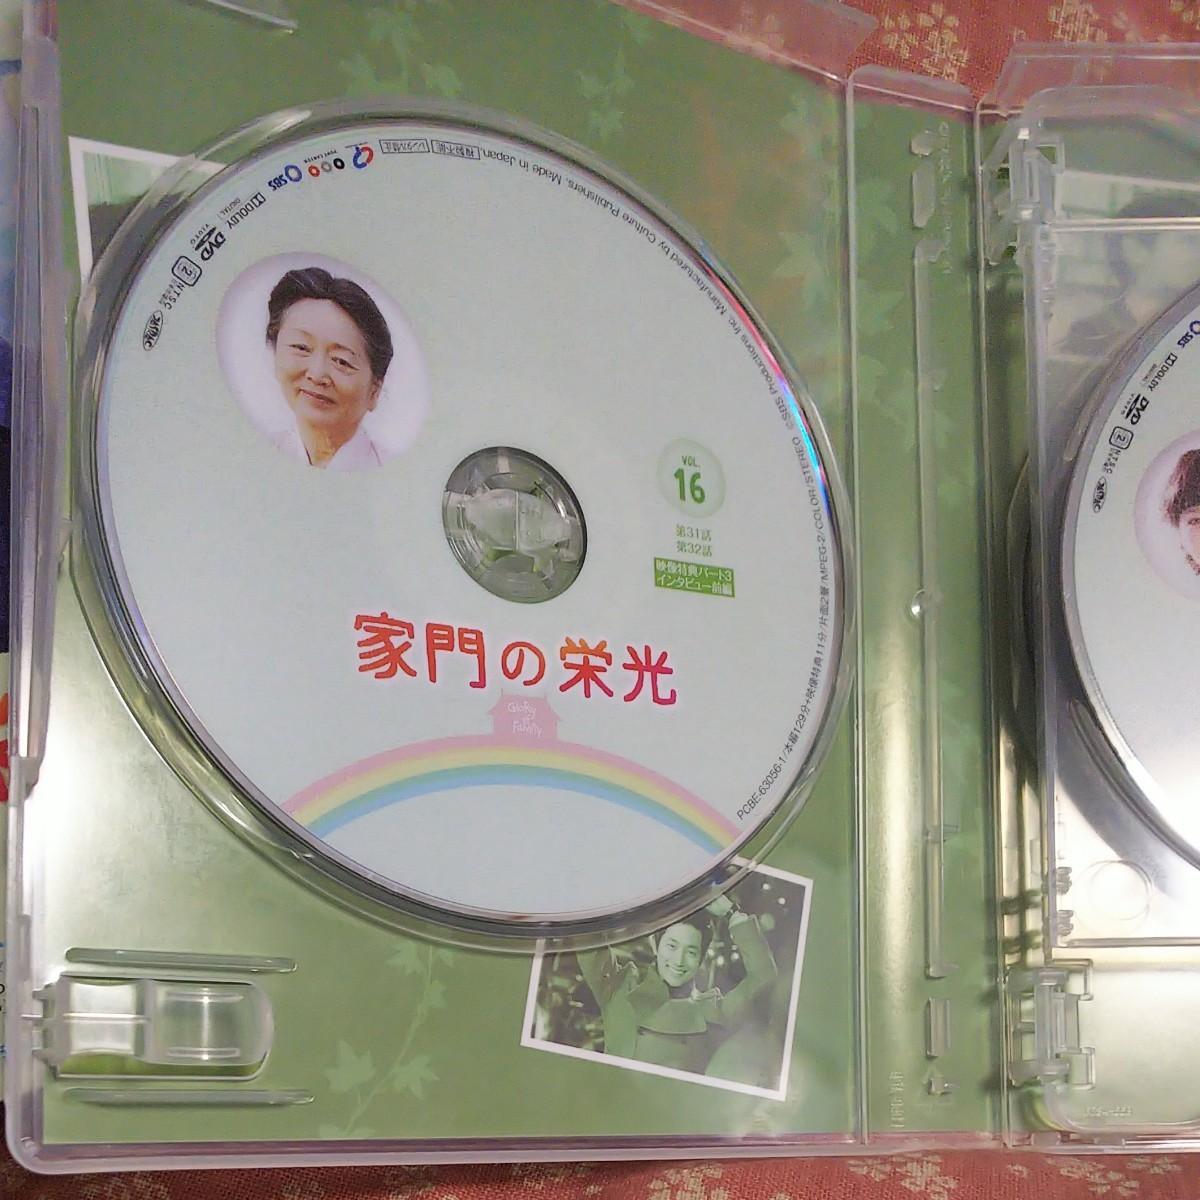 完全版 韓国ドラマ 家門の栄光DVDBOX4 DVD5枚組